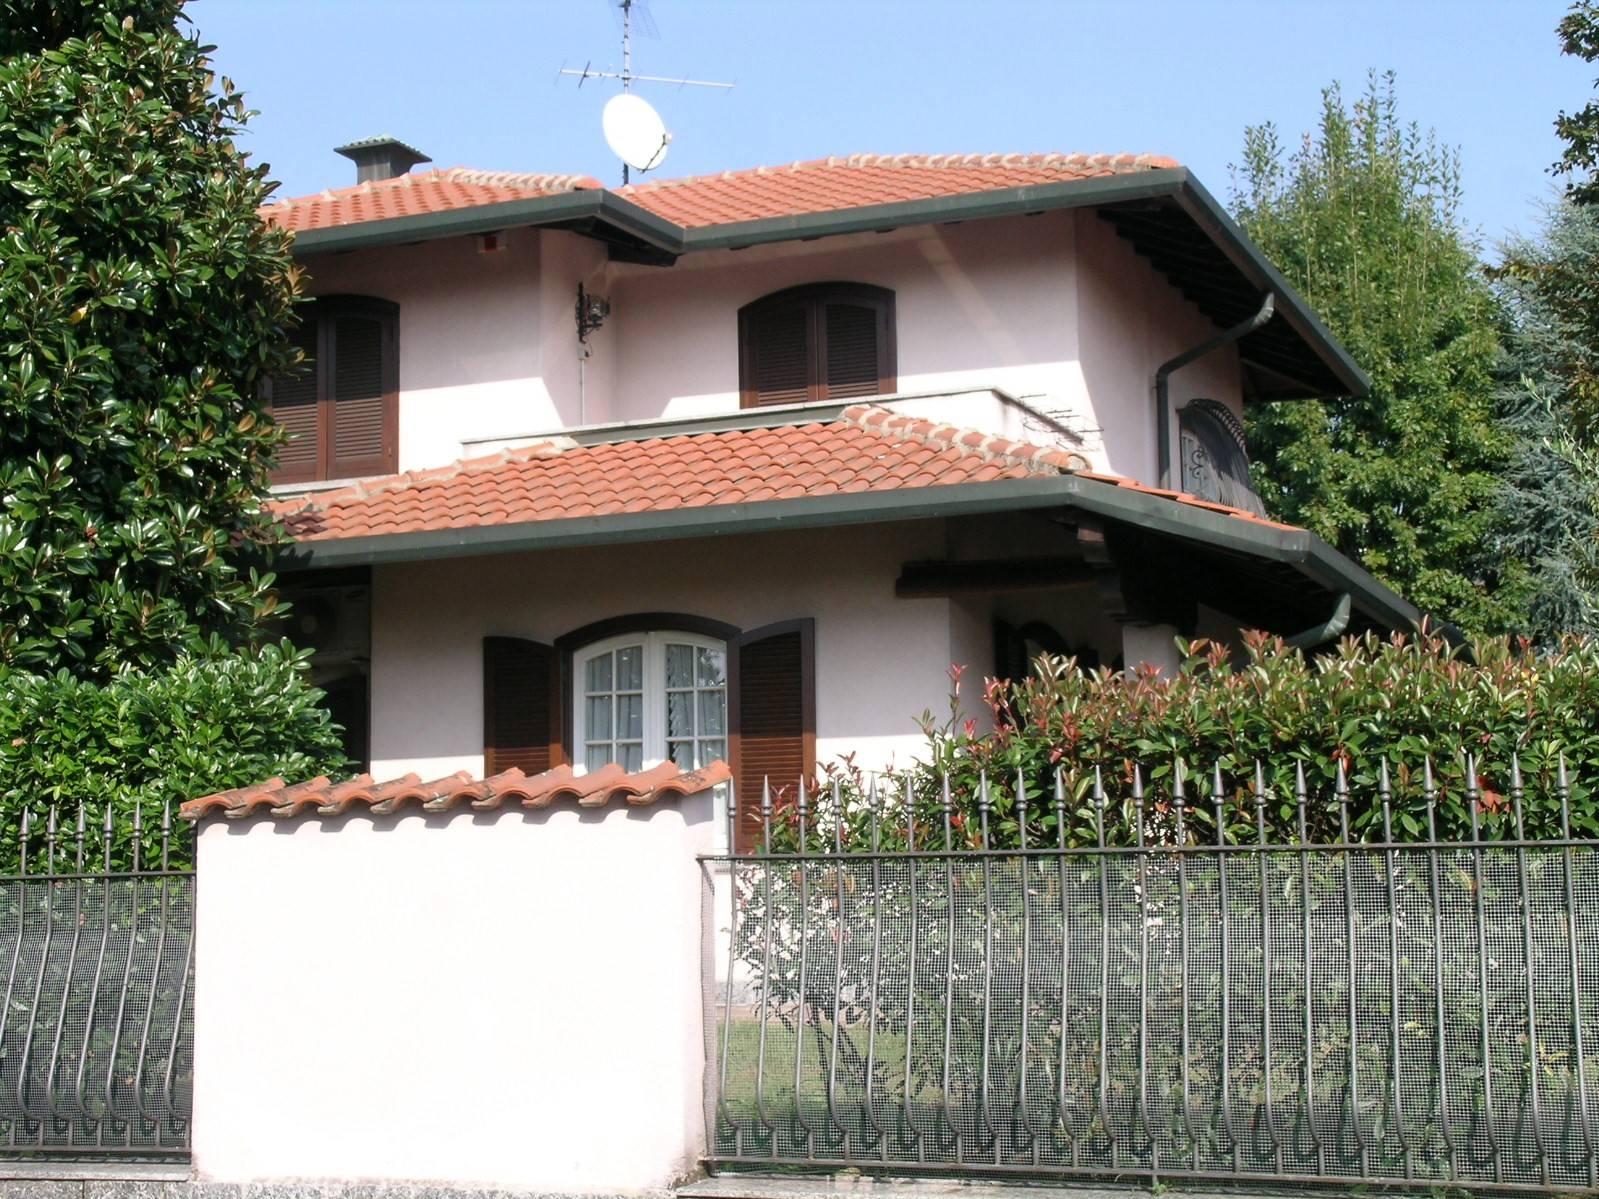 Villa in vendita a Pregnana Milanese, 7 locali, prezzo € 550.000 | PortaleAgenzieImmobiliari.it